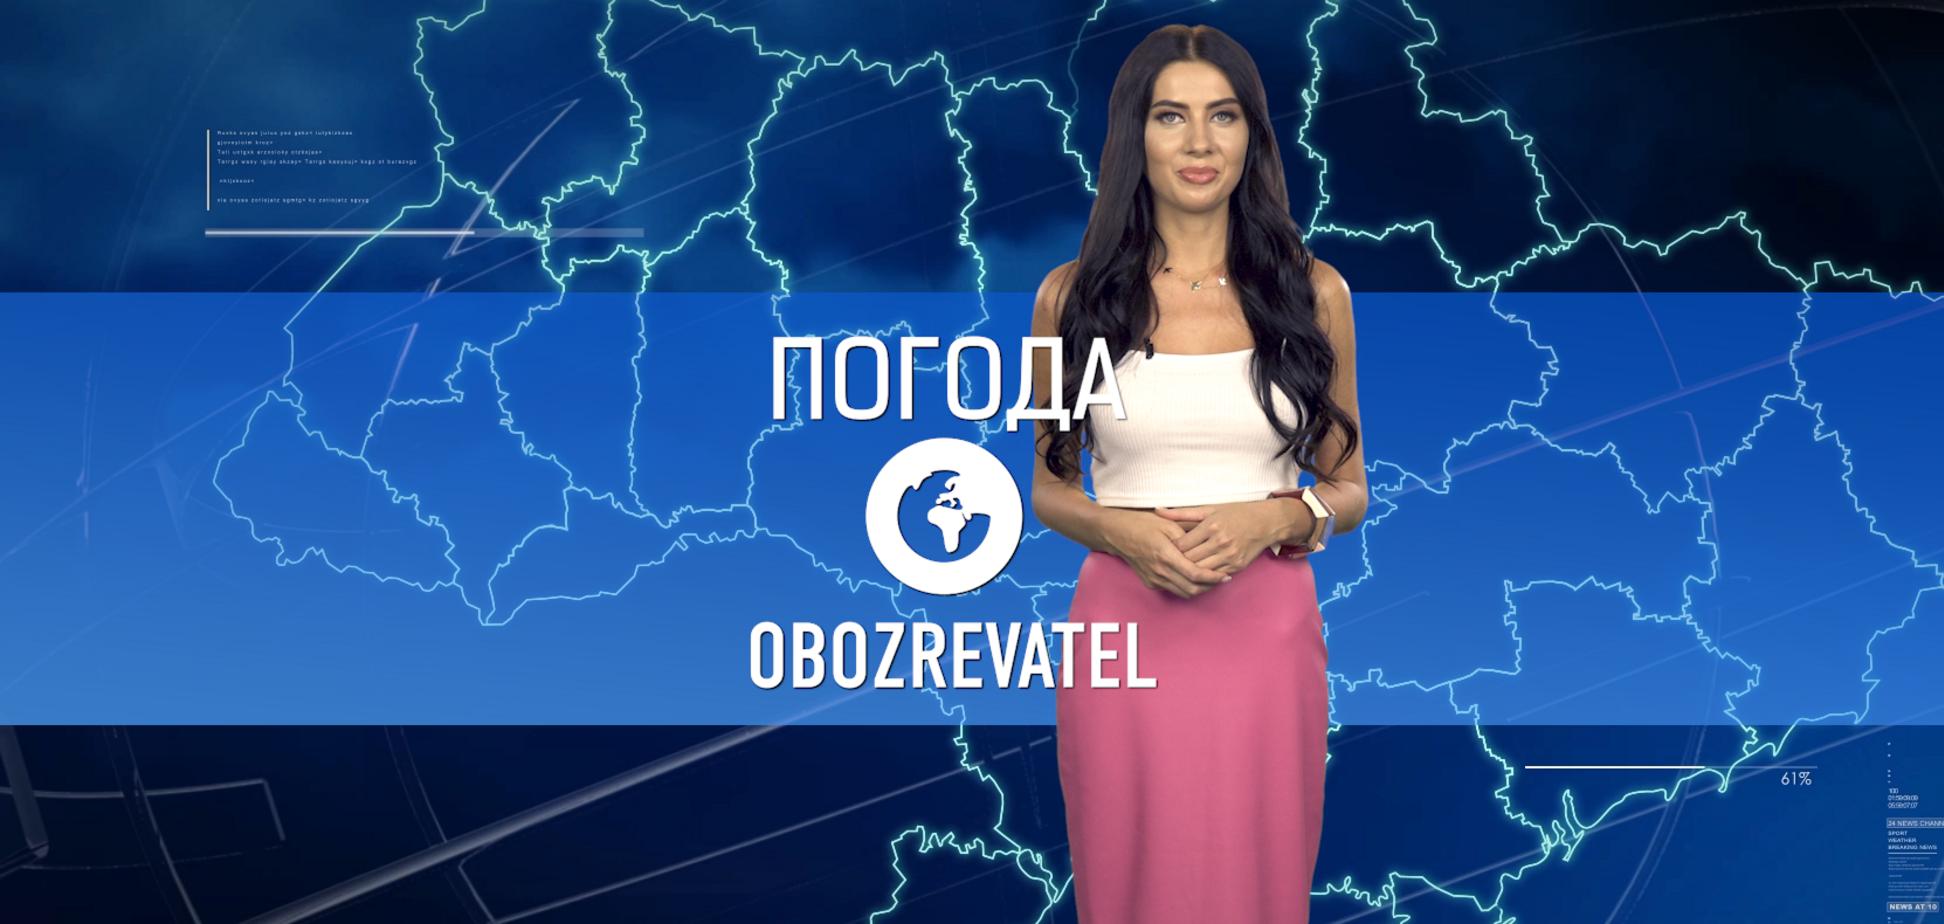 Прогноз погоды в Украине на четверг, 24 июня, с Алисой Мярковской